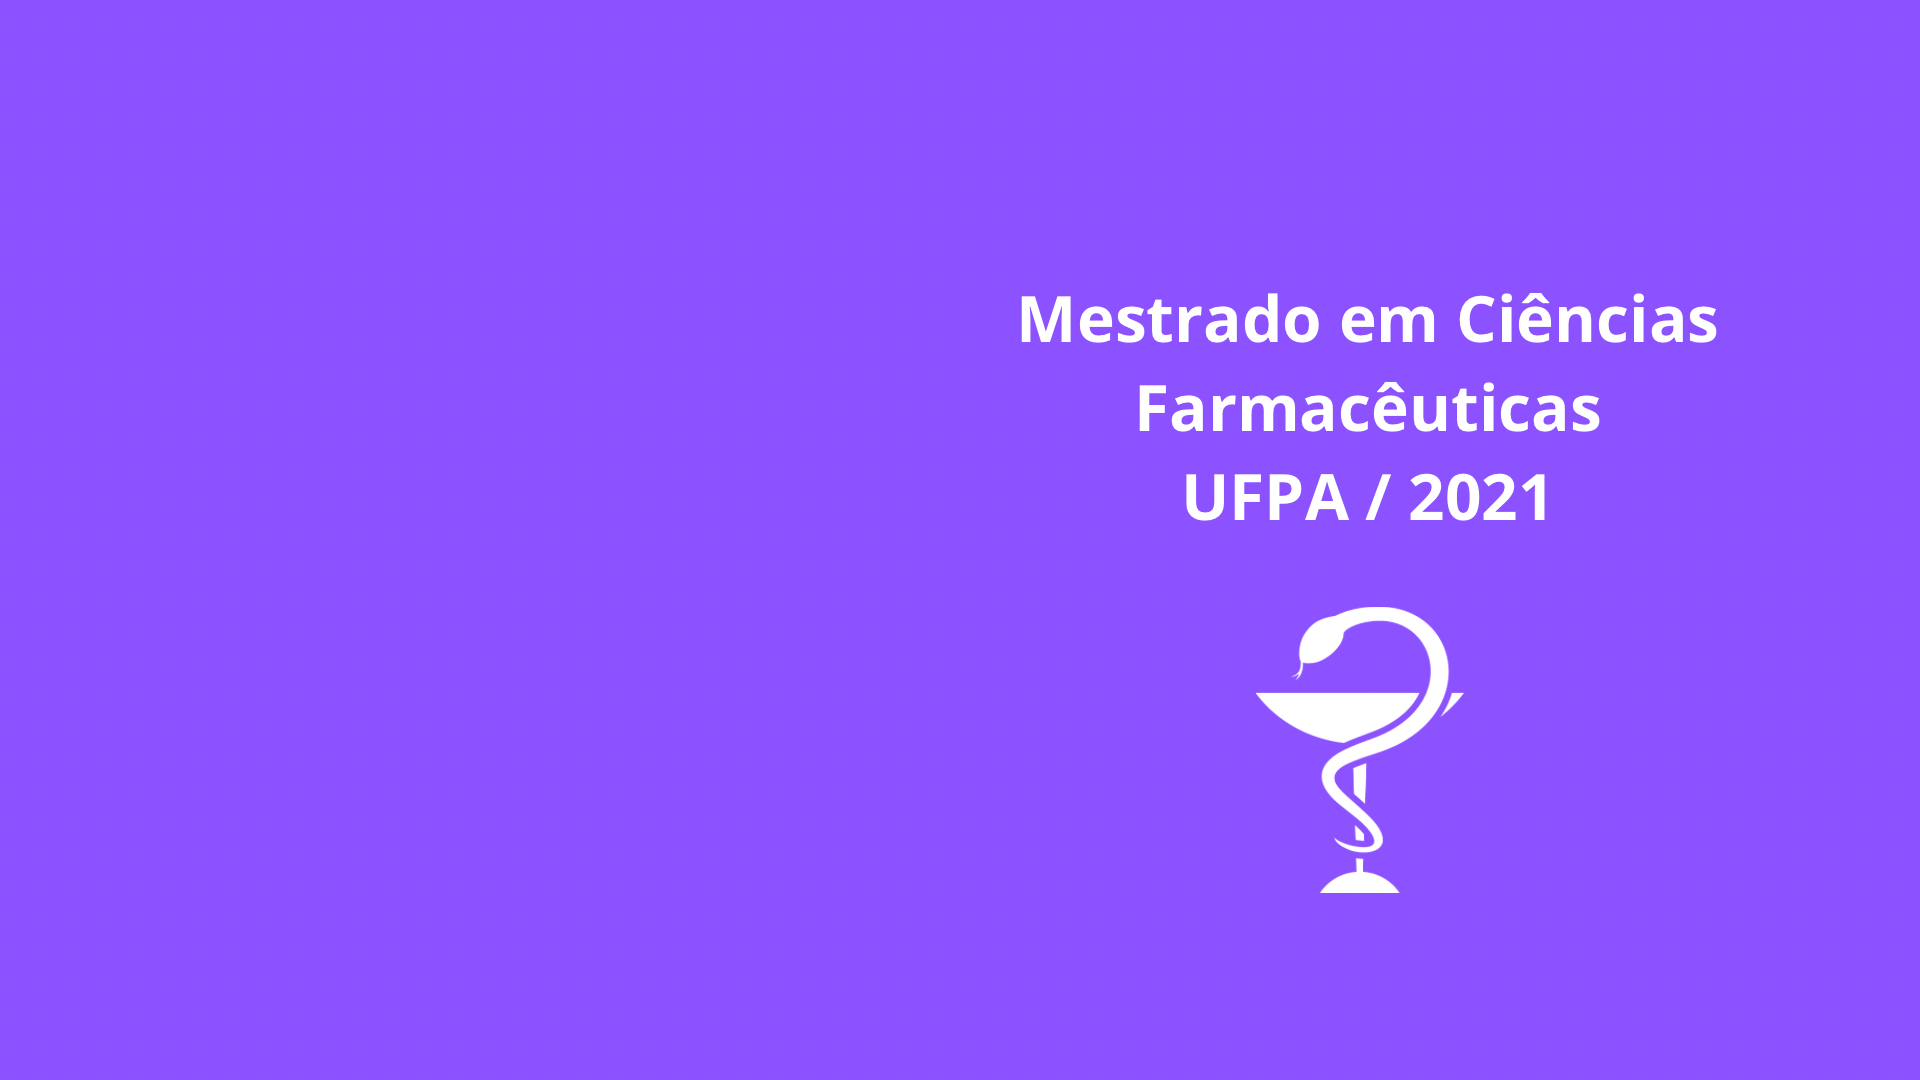 Mestrado em Ciências Farmacêuticas – UFPA / 2021